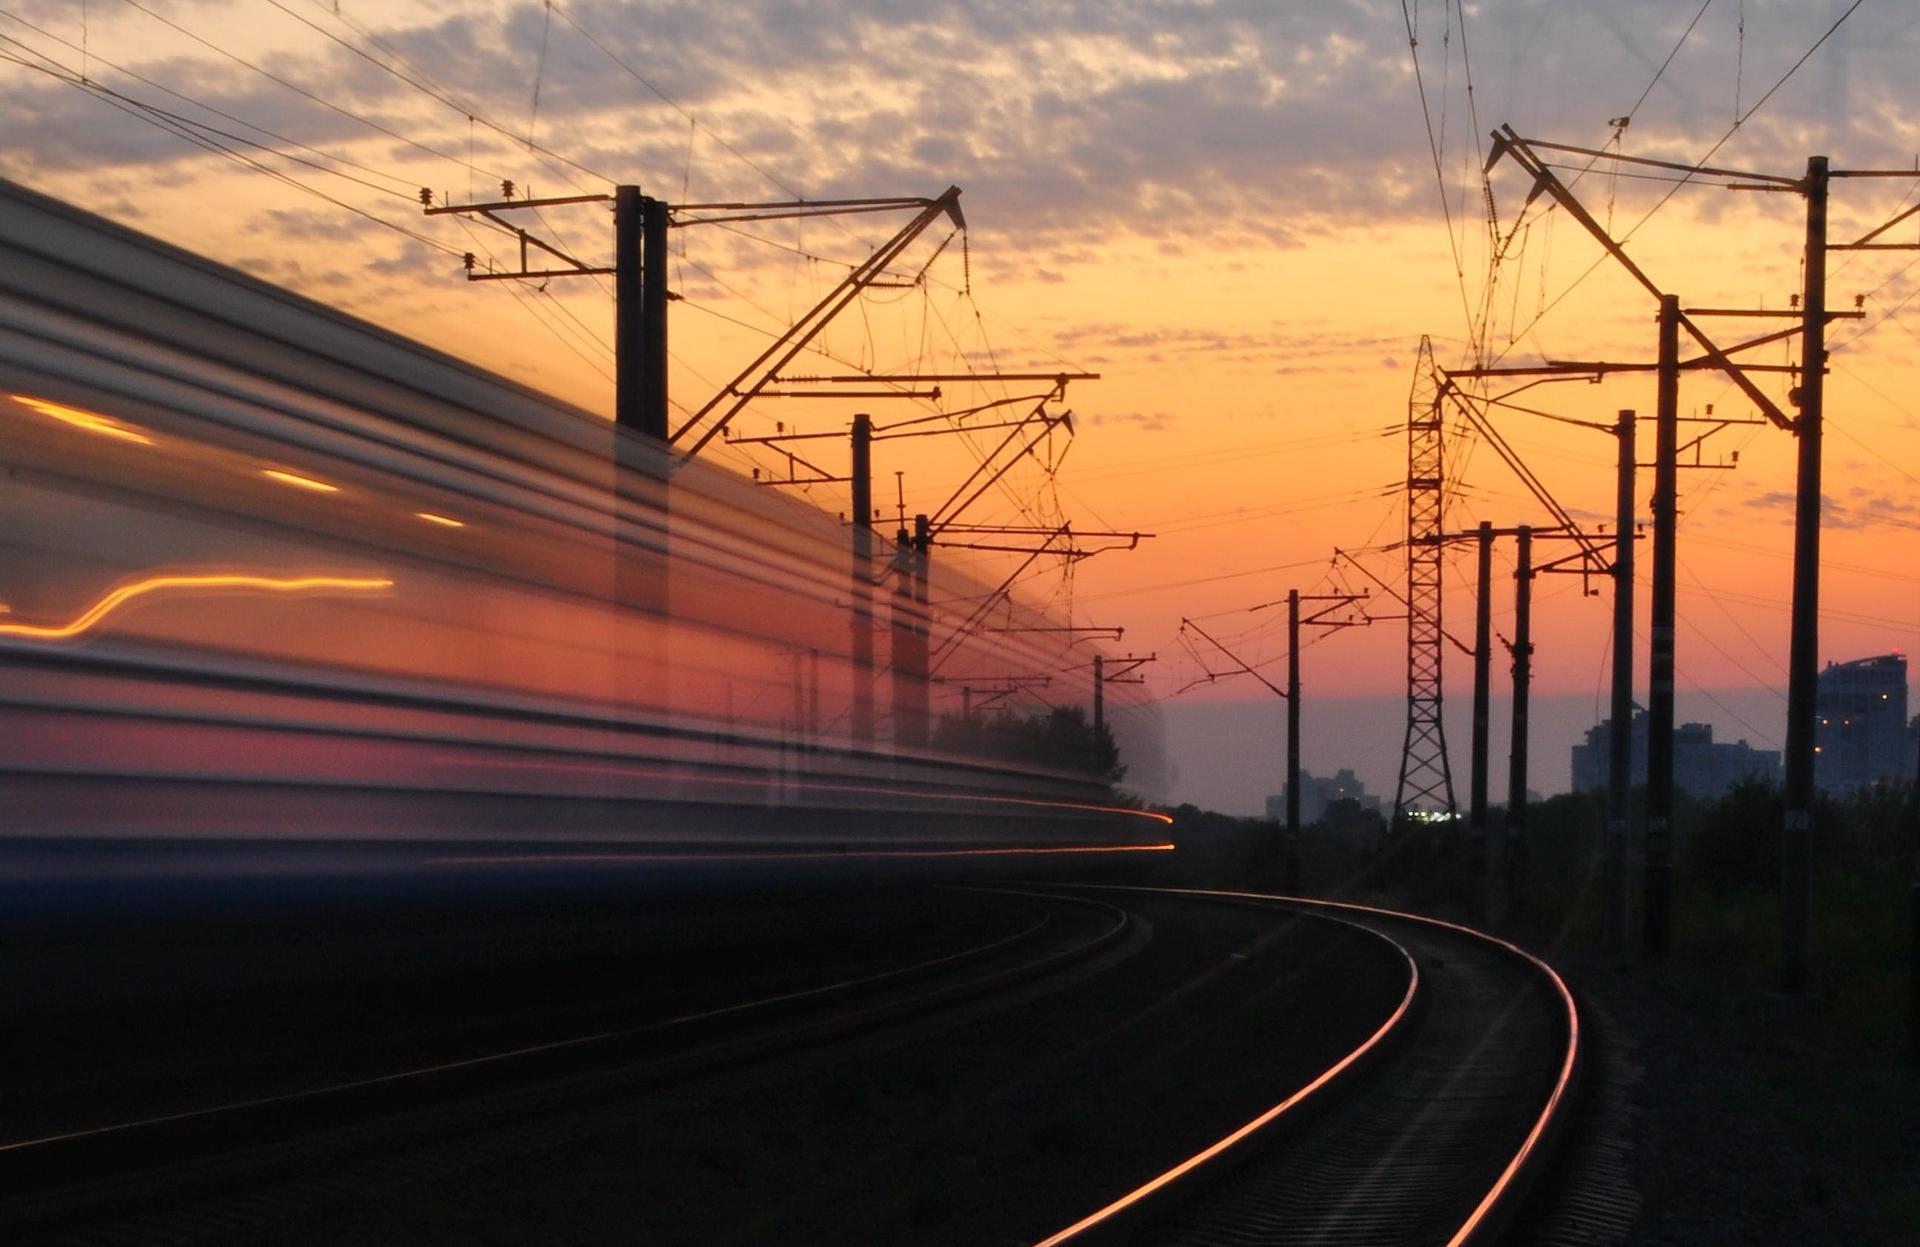 В Тверской области снизилась смертность на железной дороге - новости Афанасий